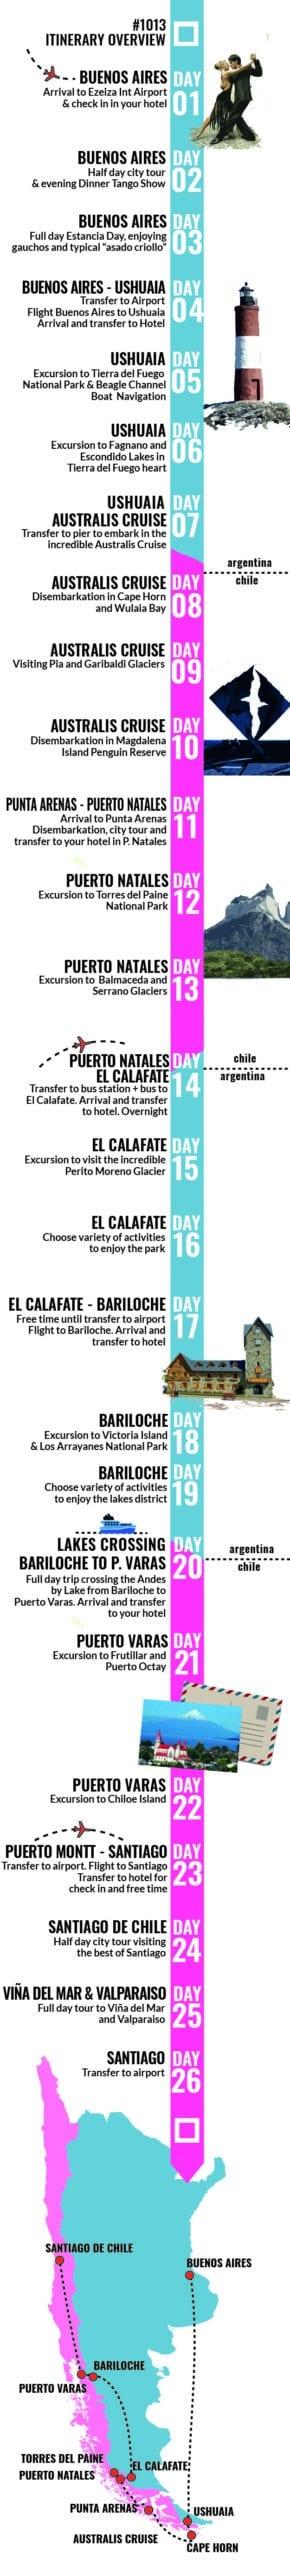 The Amazing Tour of Patagonia: Buenos Aires, Ushuaia, Australis Cruises, Punta Arenas, Torres del Paine, El Calafate, Bariloche, Lakes Crossing, Puerto Varas, Santiago - RipioTurismo Incoming tour operator Chile and Argentina